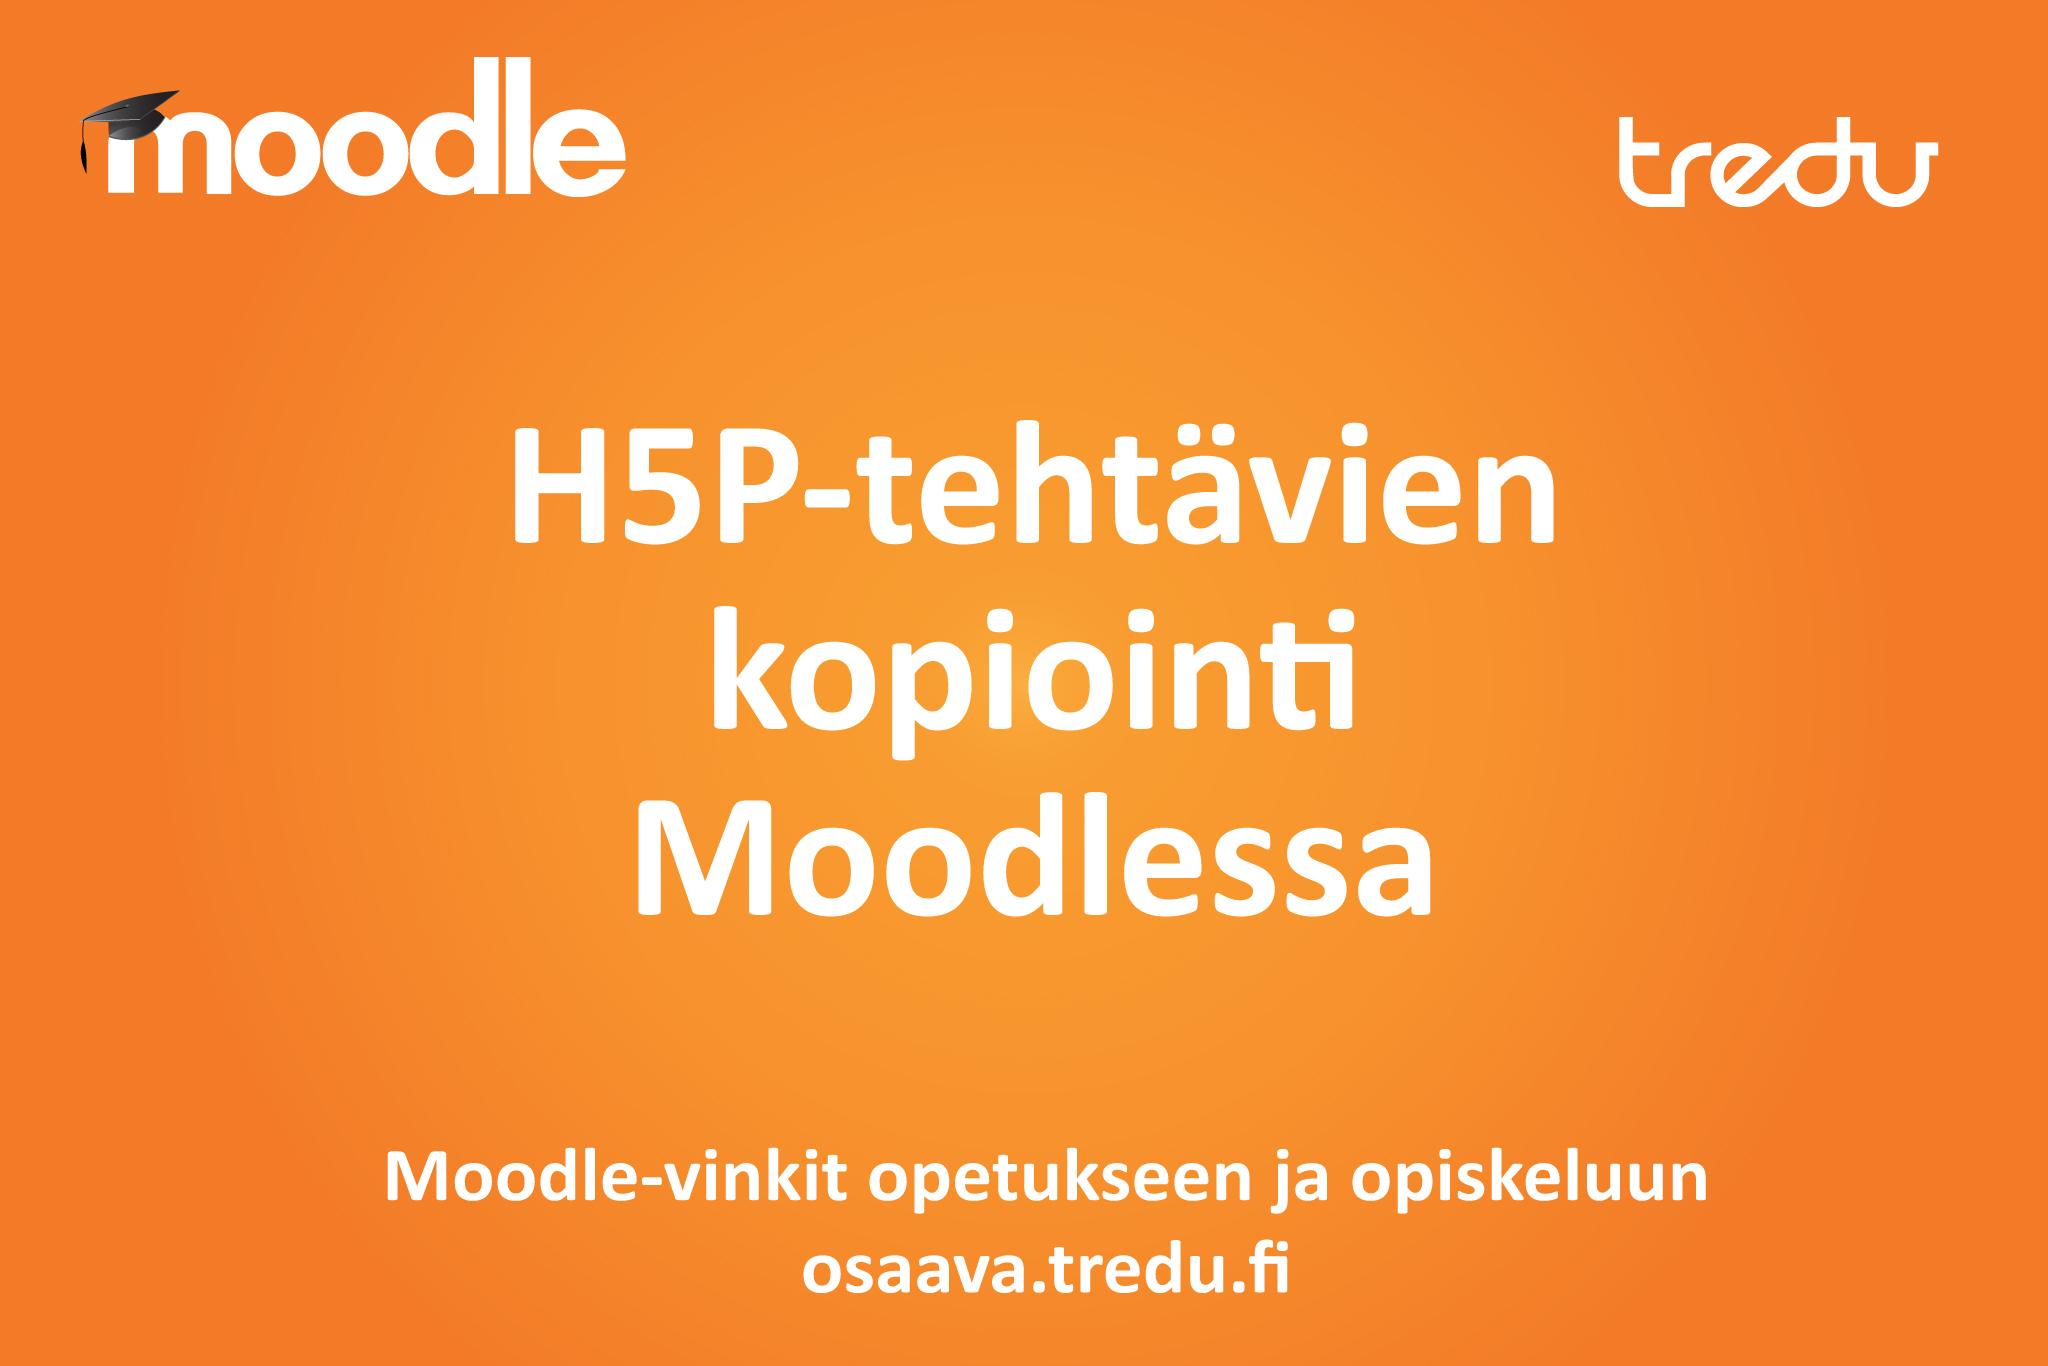 Kopioi H5P-tehtäviä Moodlessa